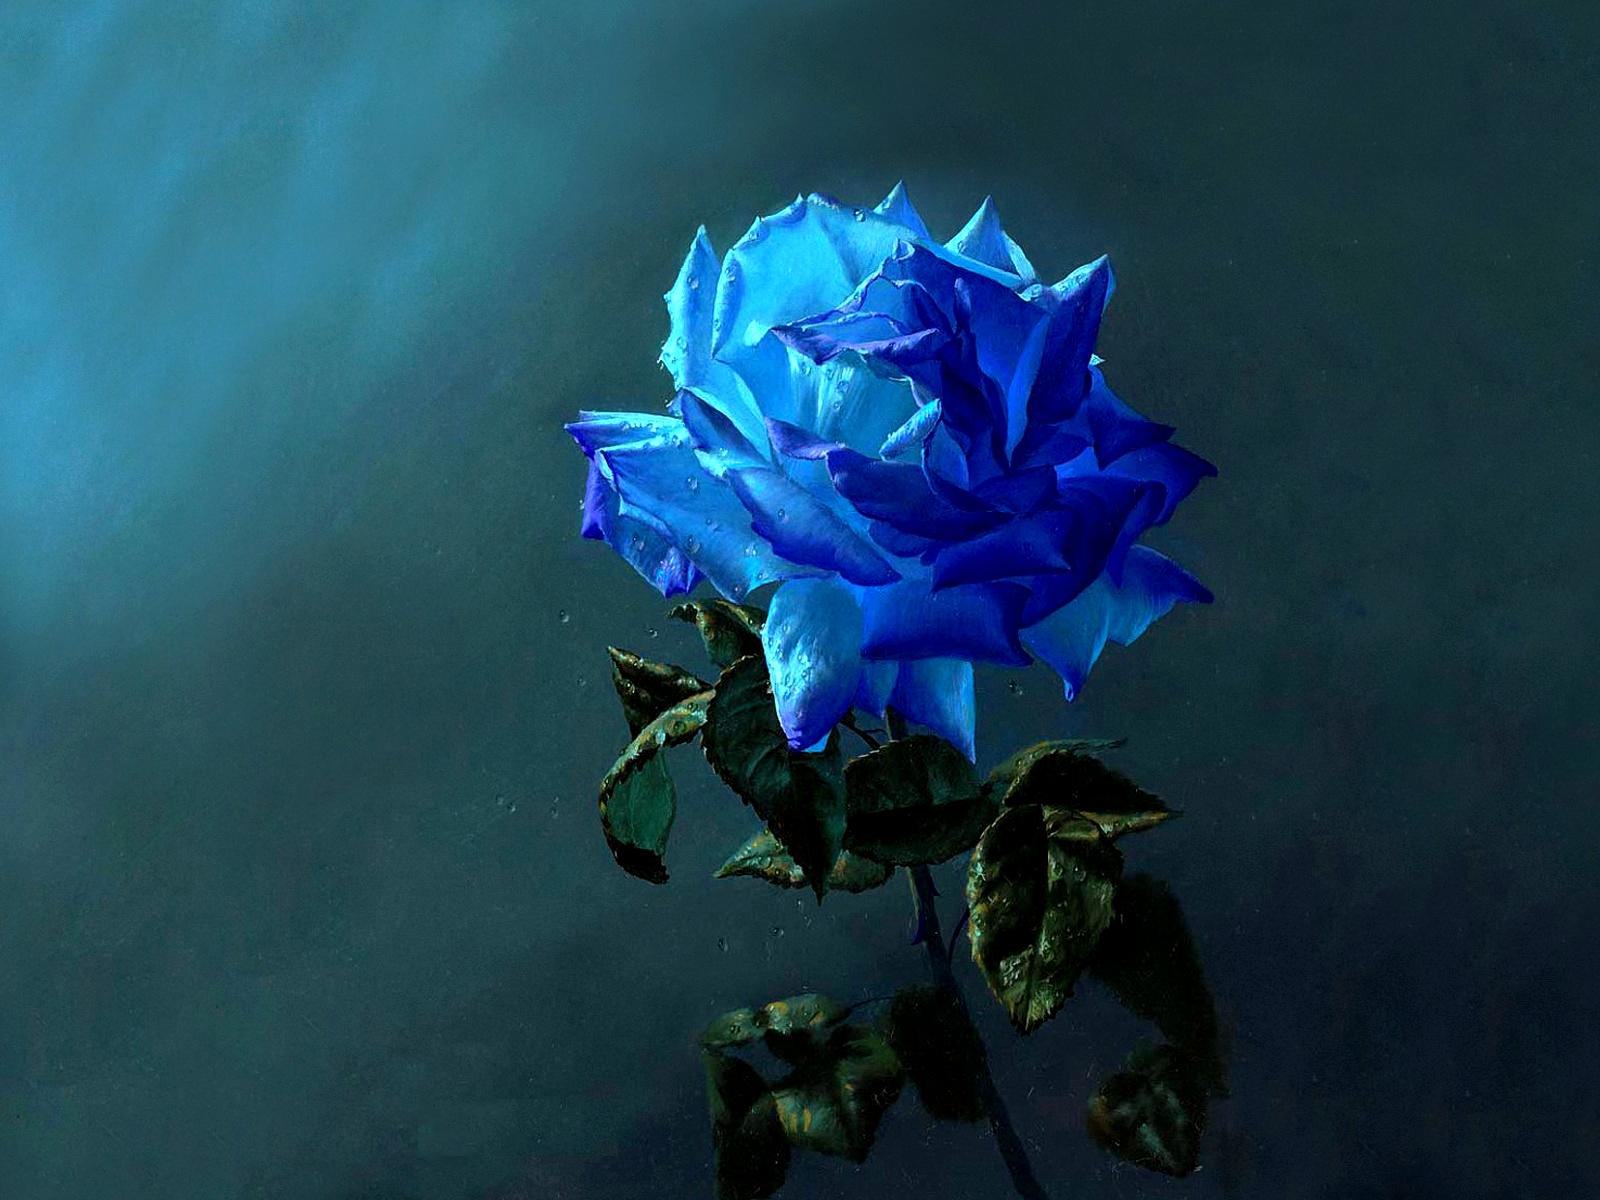 Artistic blue rose wallpaper and background image - Big rose flower wallpaper ...